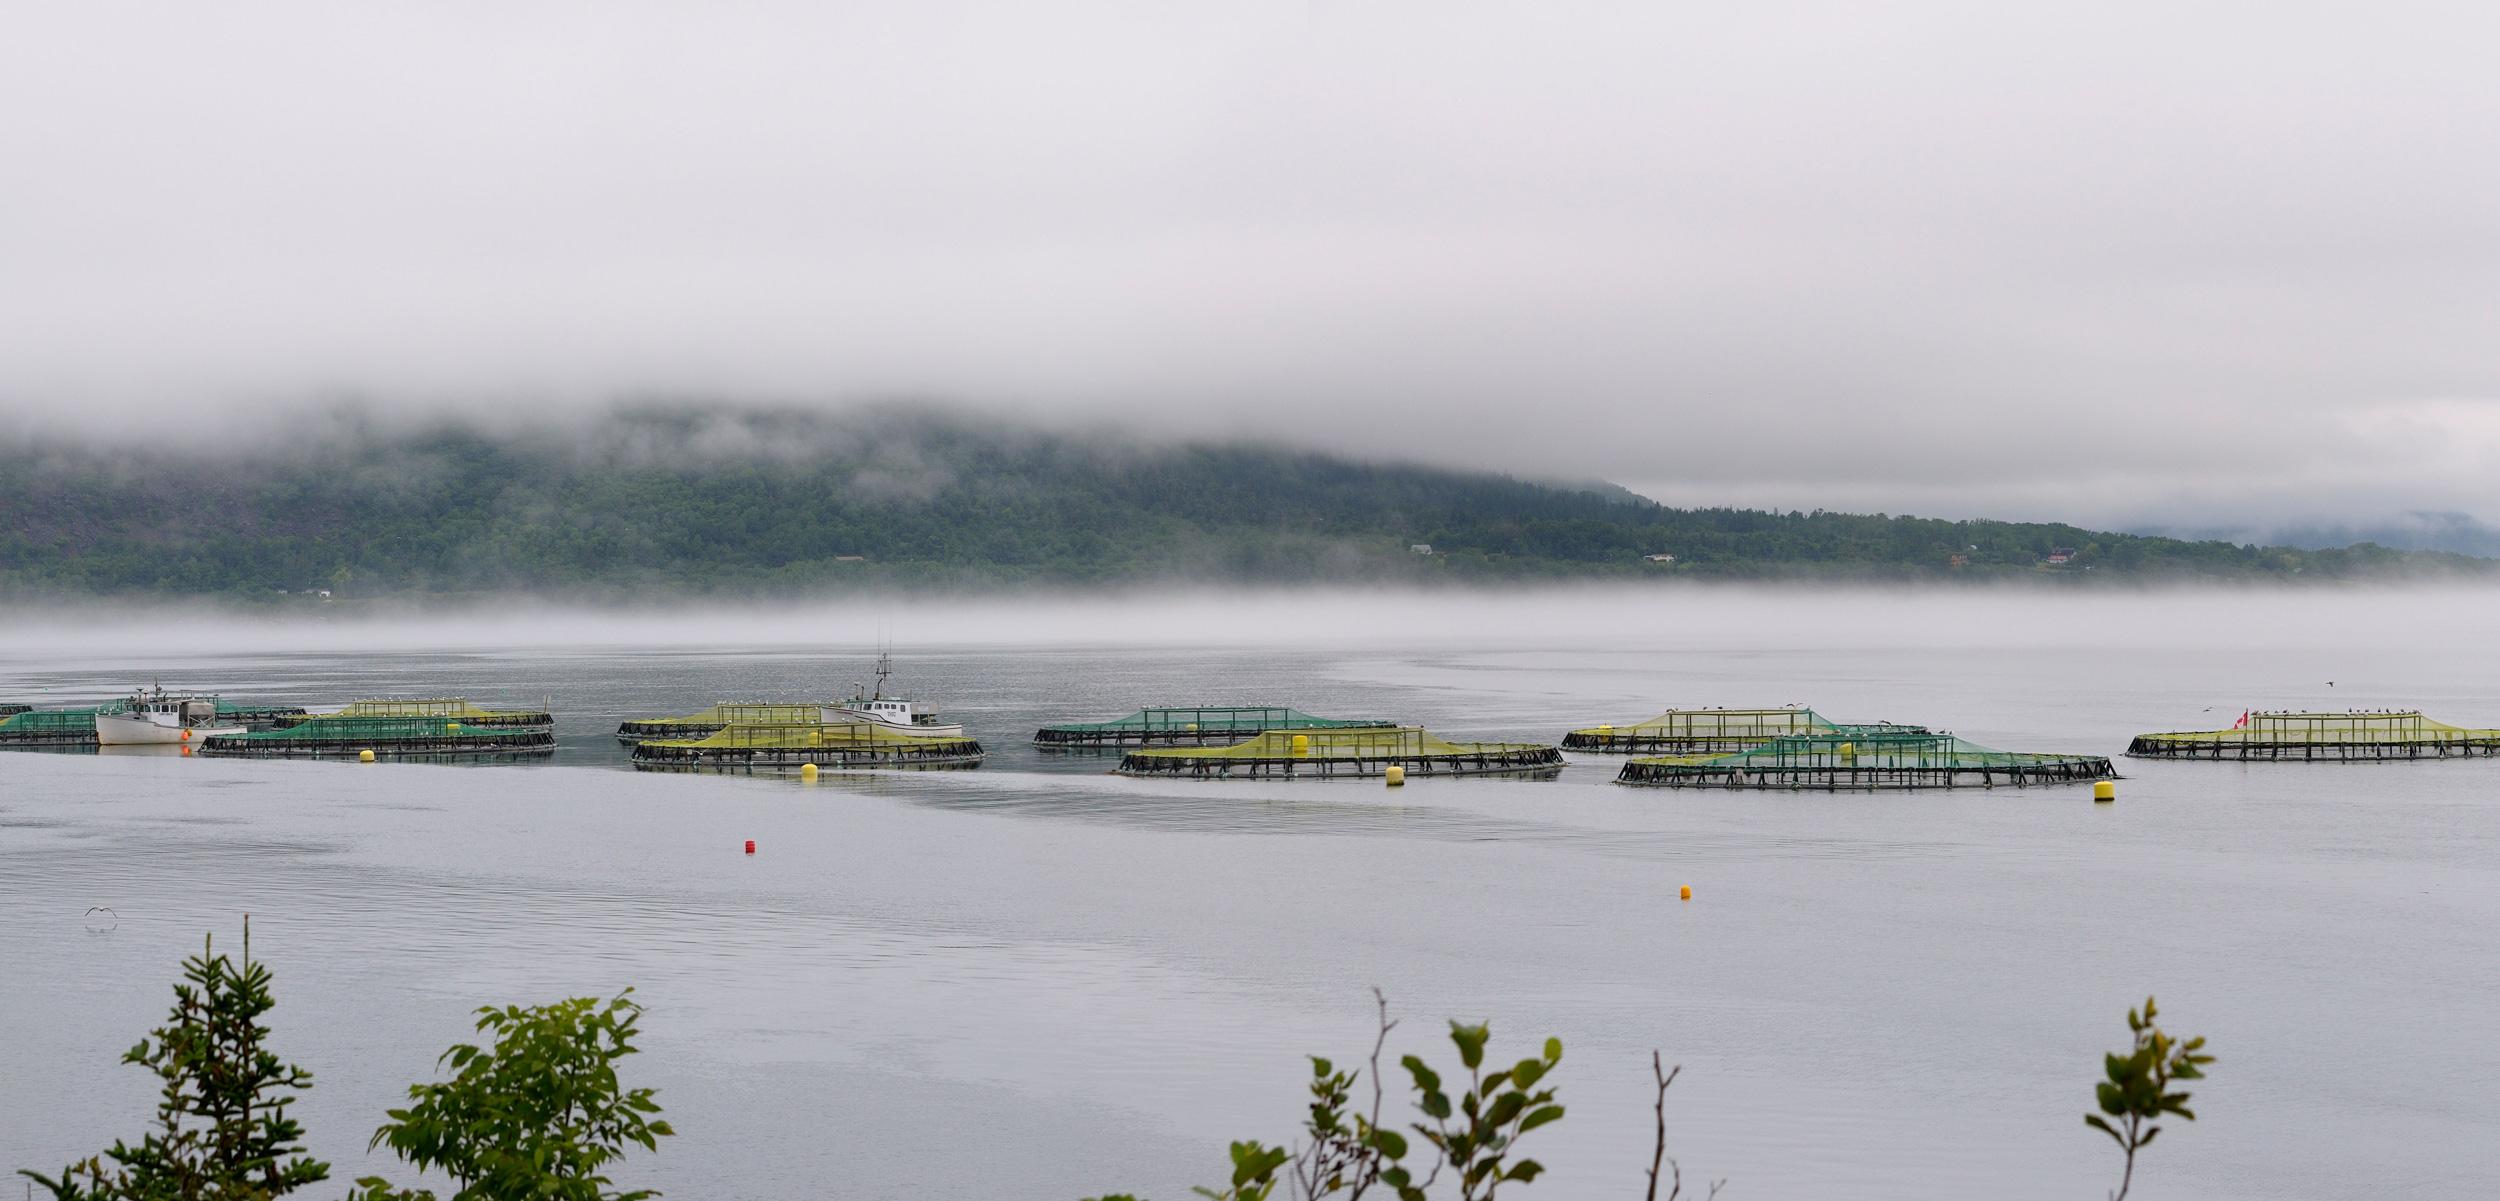 salmon farms, Nova Scotia